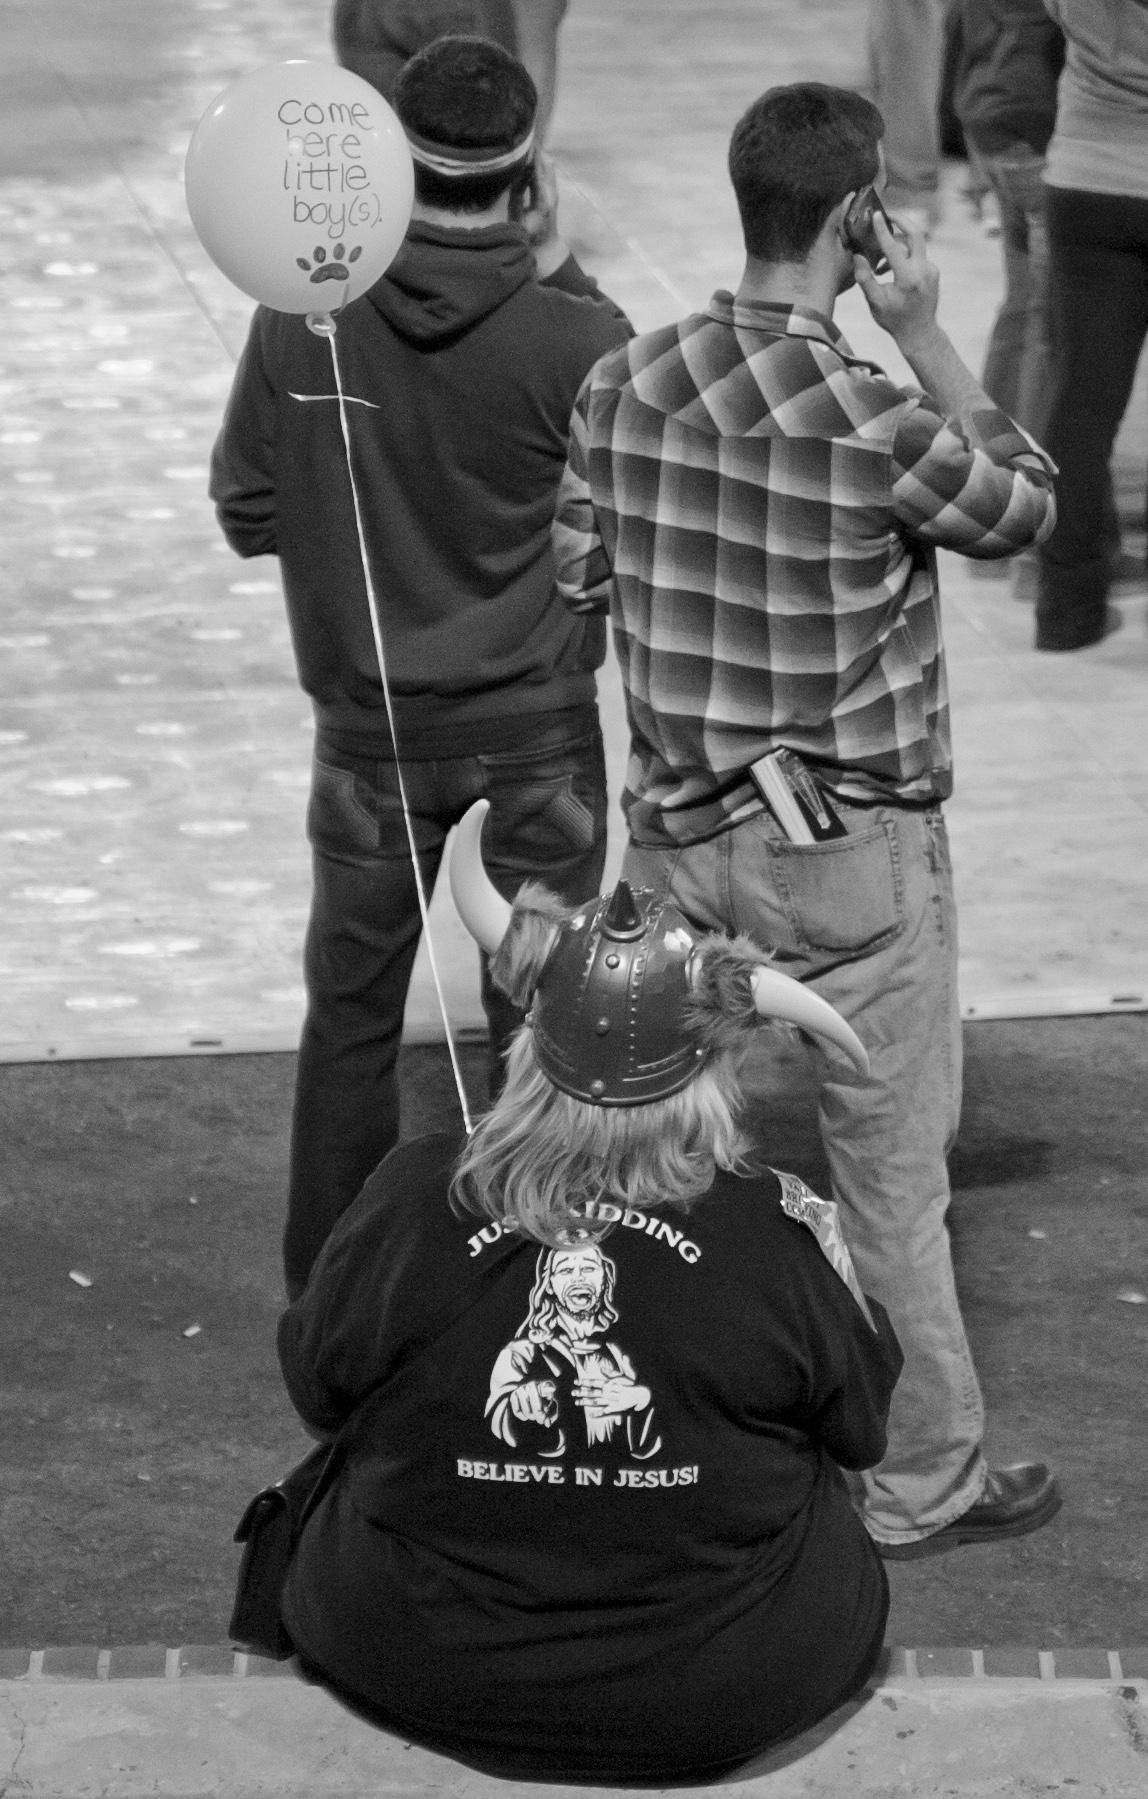 Durham_BeerFestivalVikingBalloon_1072011.jpg